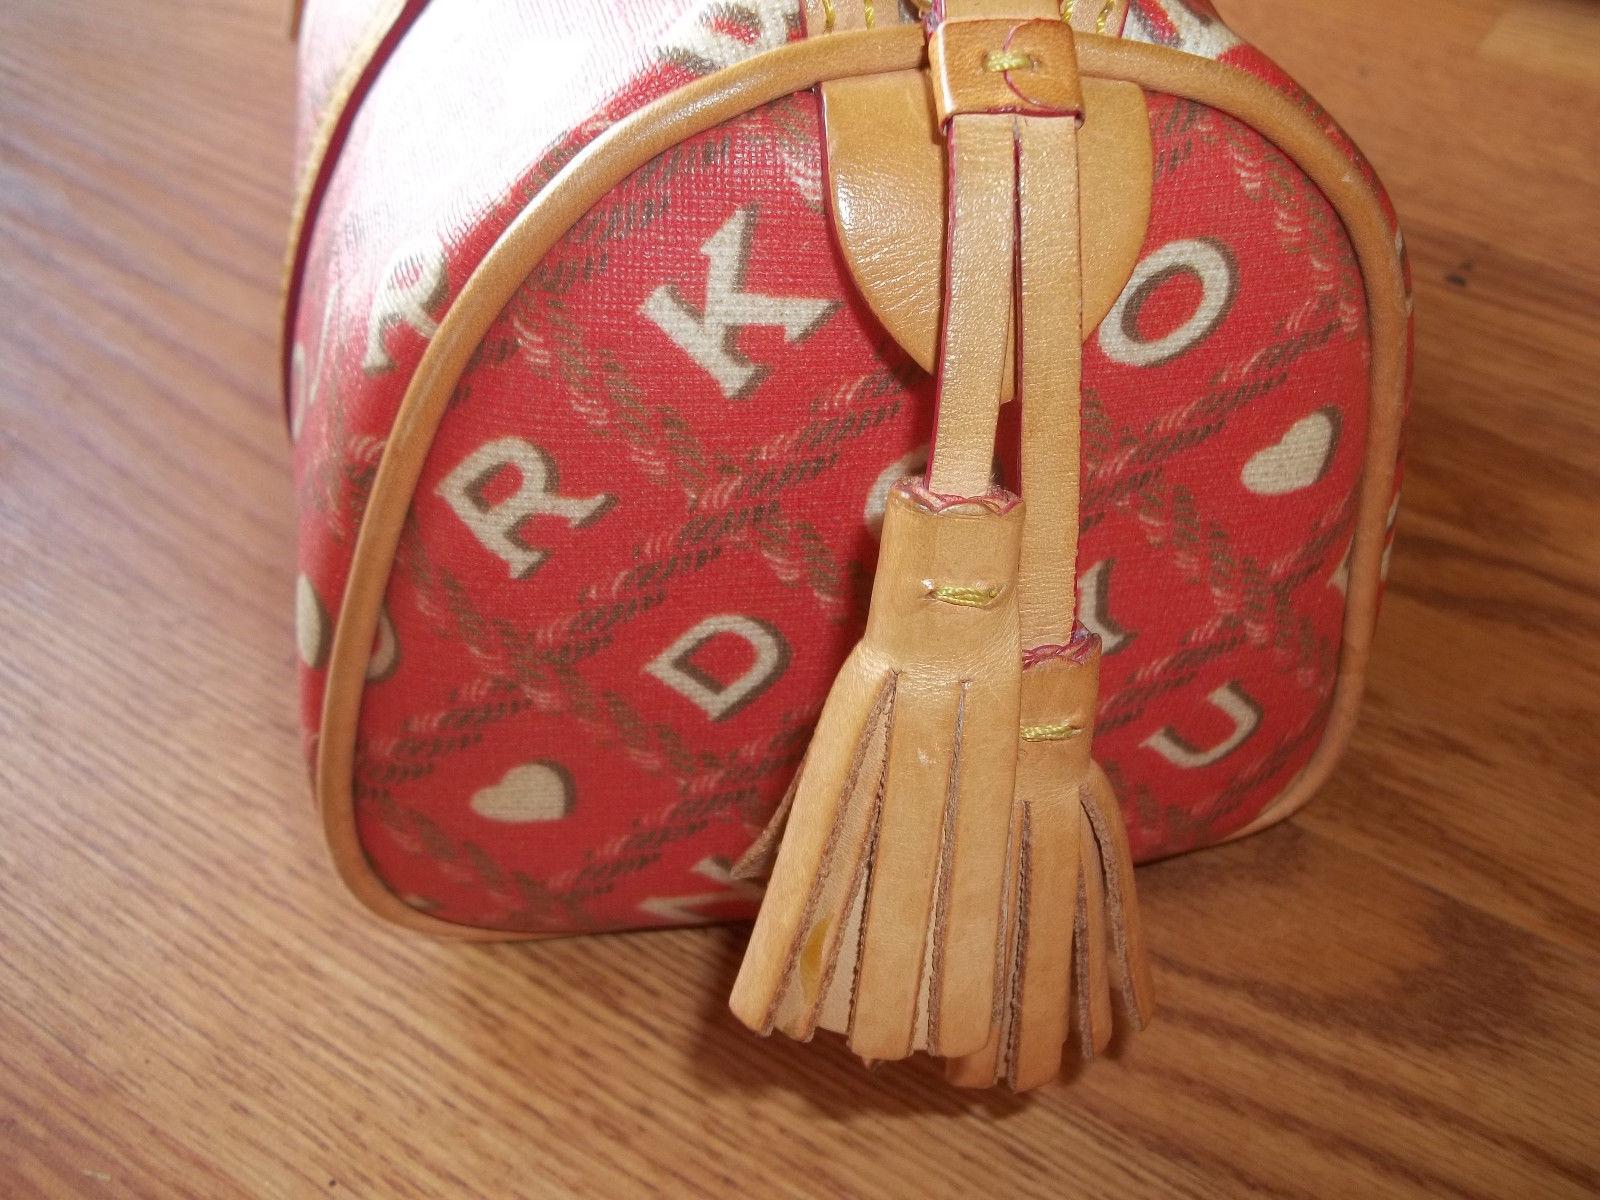 Dooney & Bourke Red Crossword Barrel Bag Handbag image 7